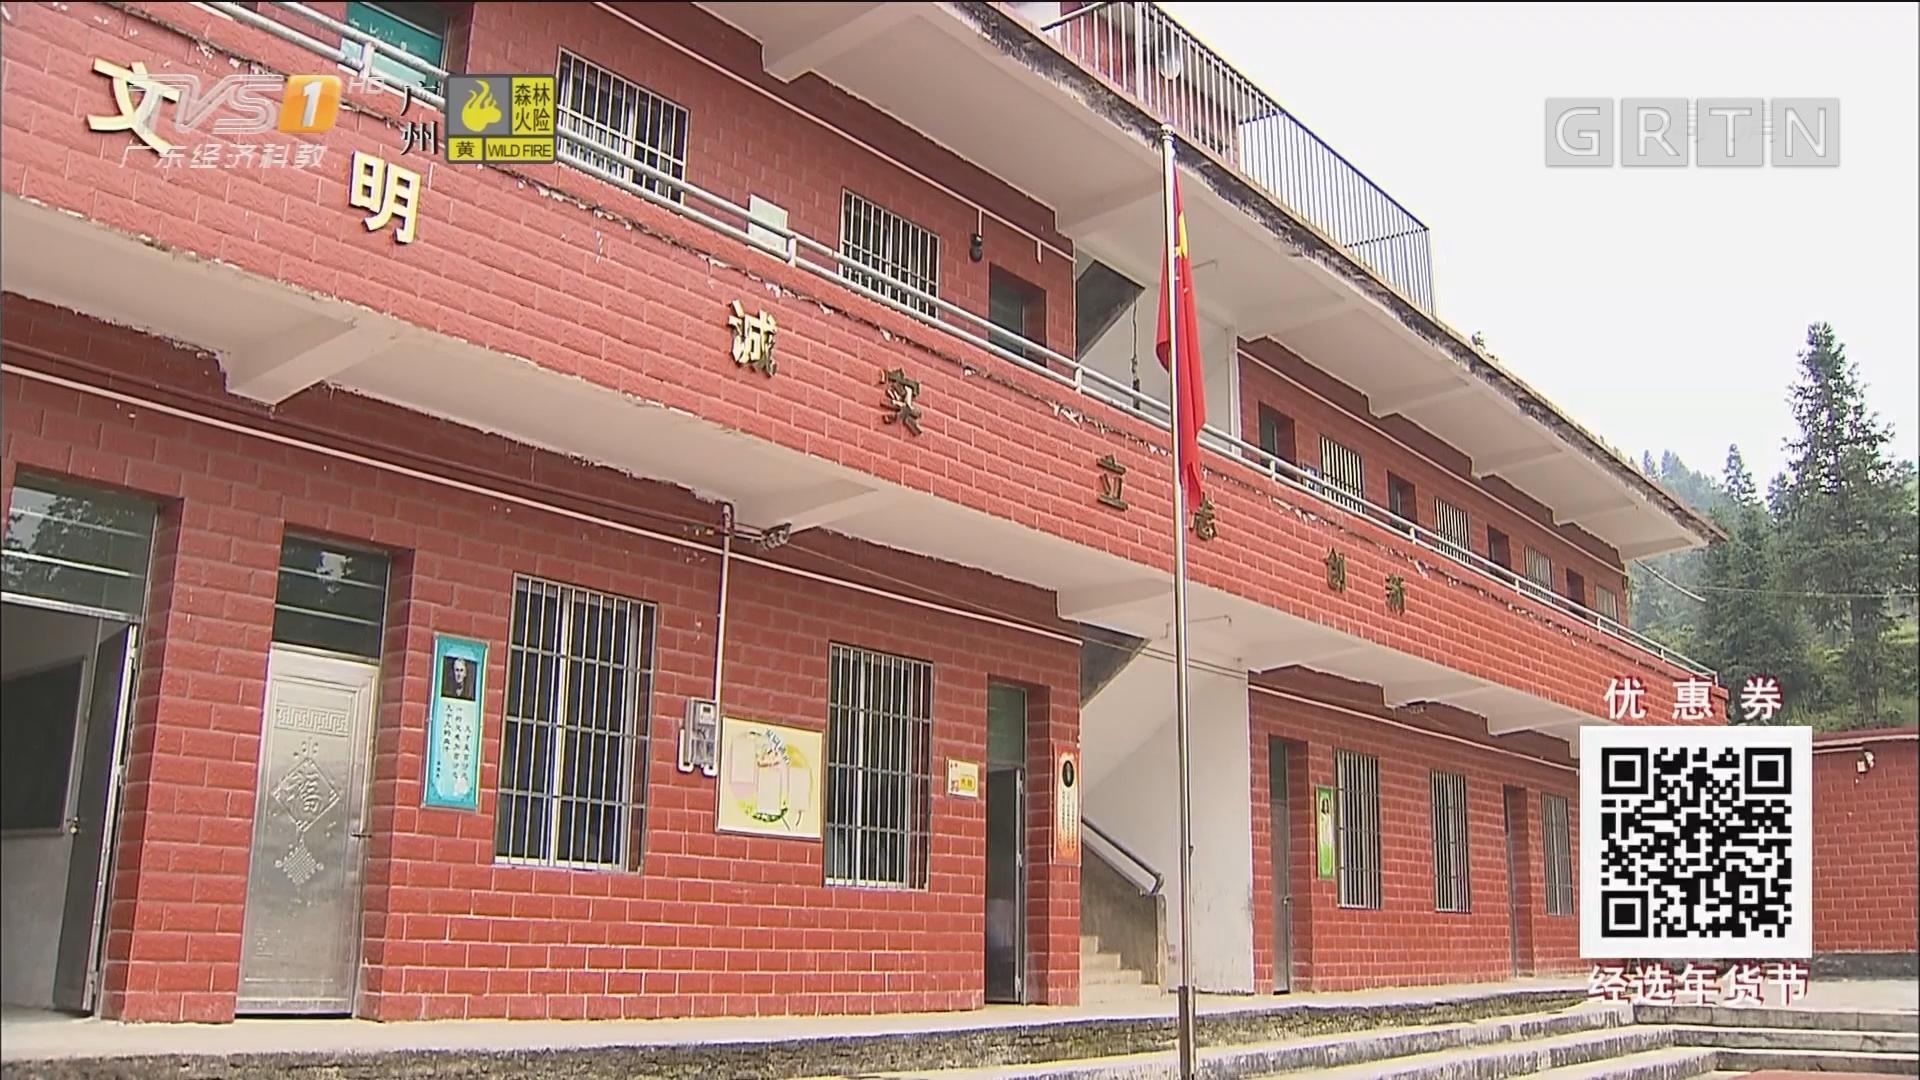 18.3亿将用于改善广东欠发达地区办学条件